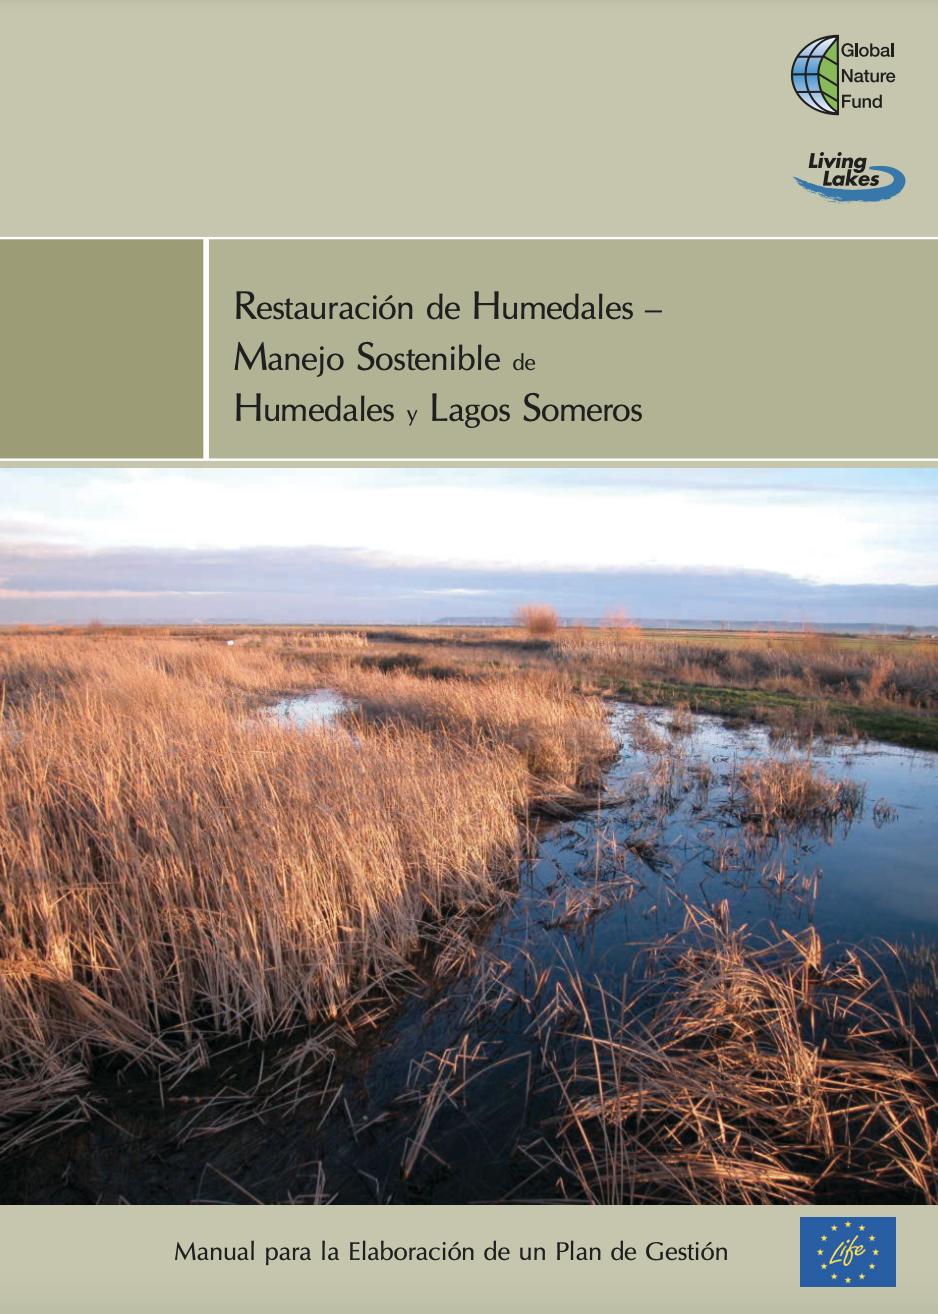 Restauración de Humedales–Manejo Sostenible de Humedales y Lagos Someros